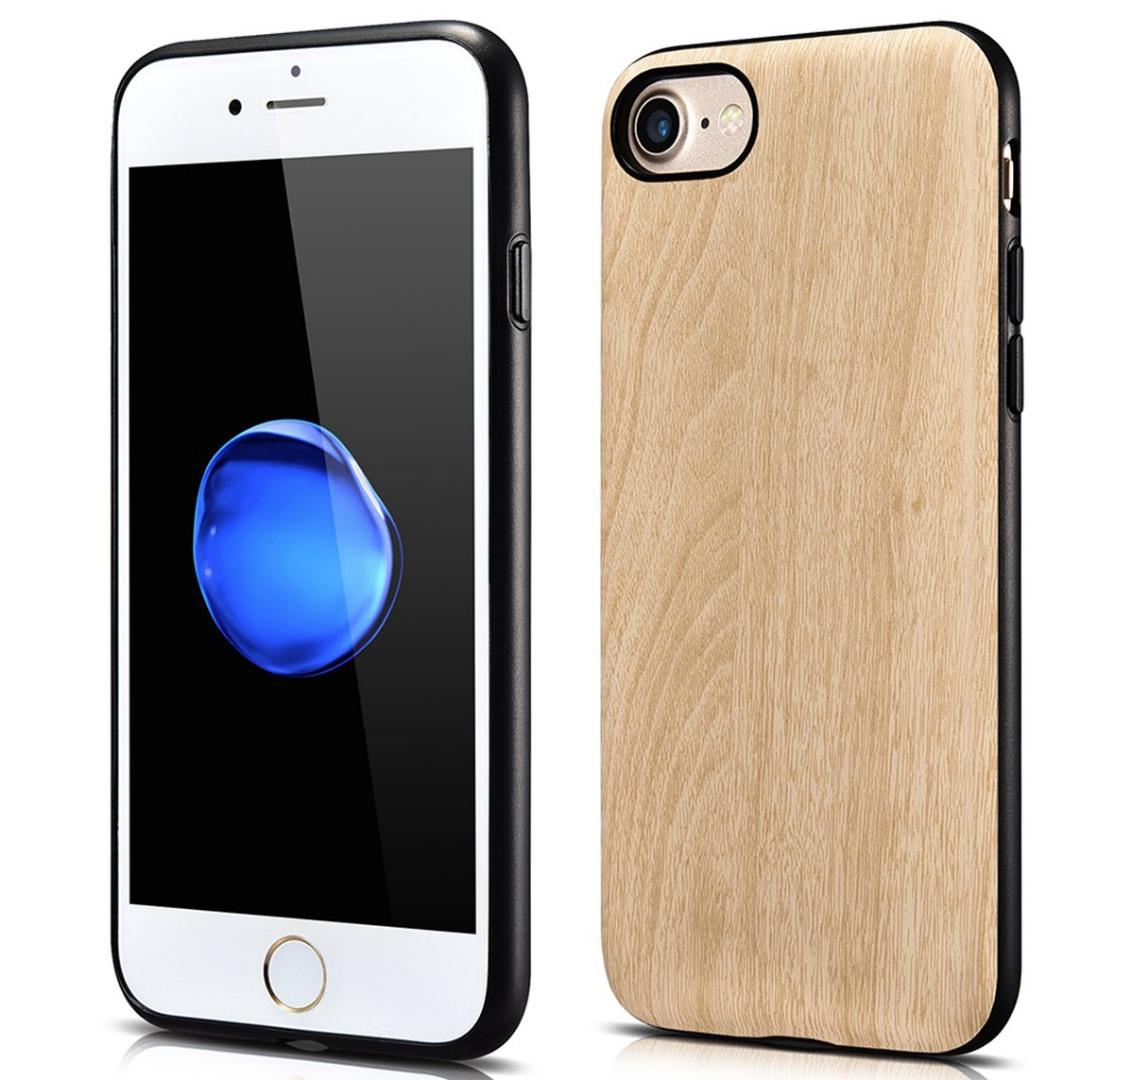 Husa slim piele cu aspect de lemn, iPhone SE 2 (2020), iPhone 8, iPhone 7 - Xoomz by iCarer Wood, Bej